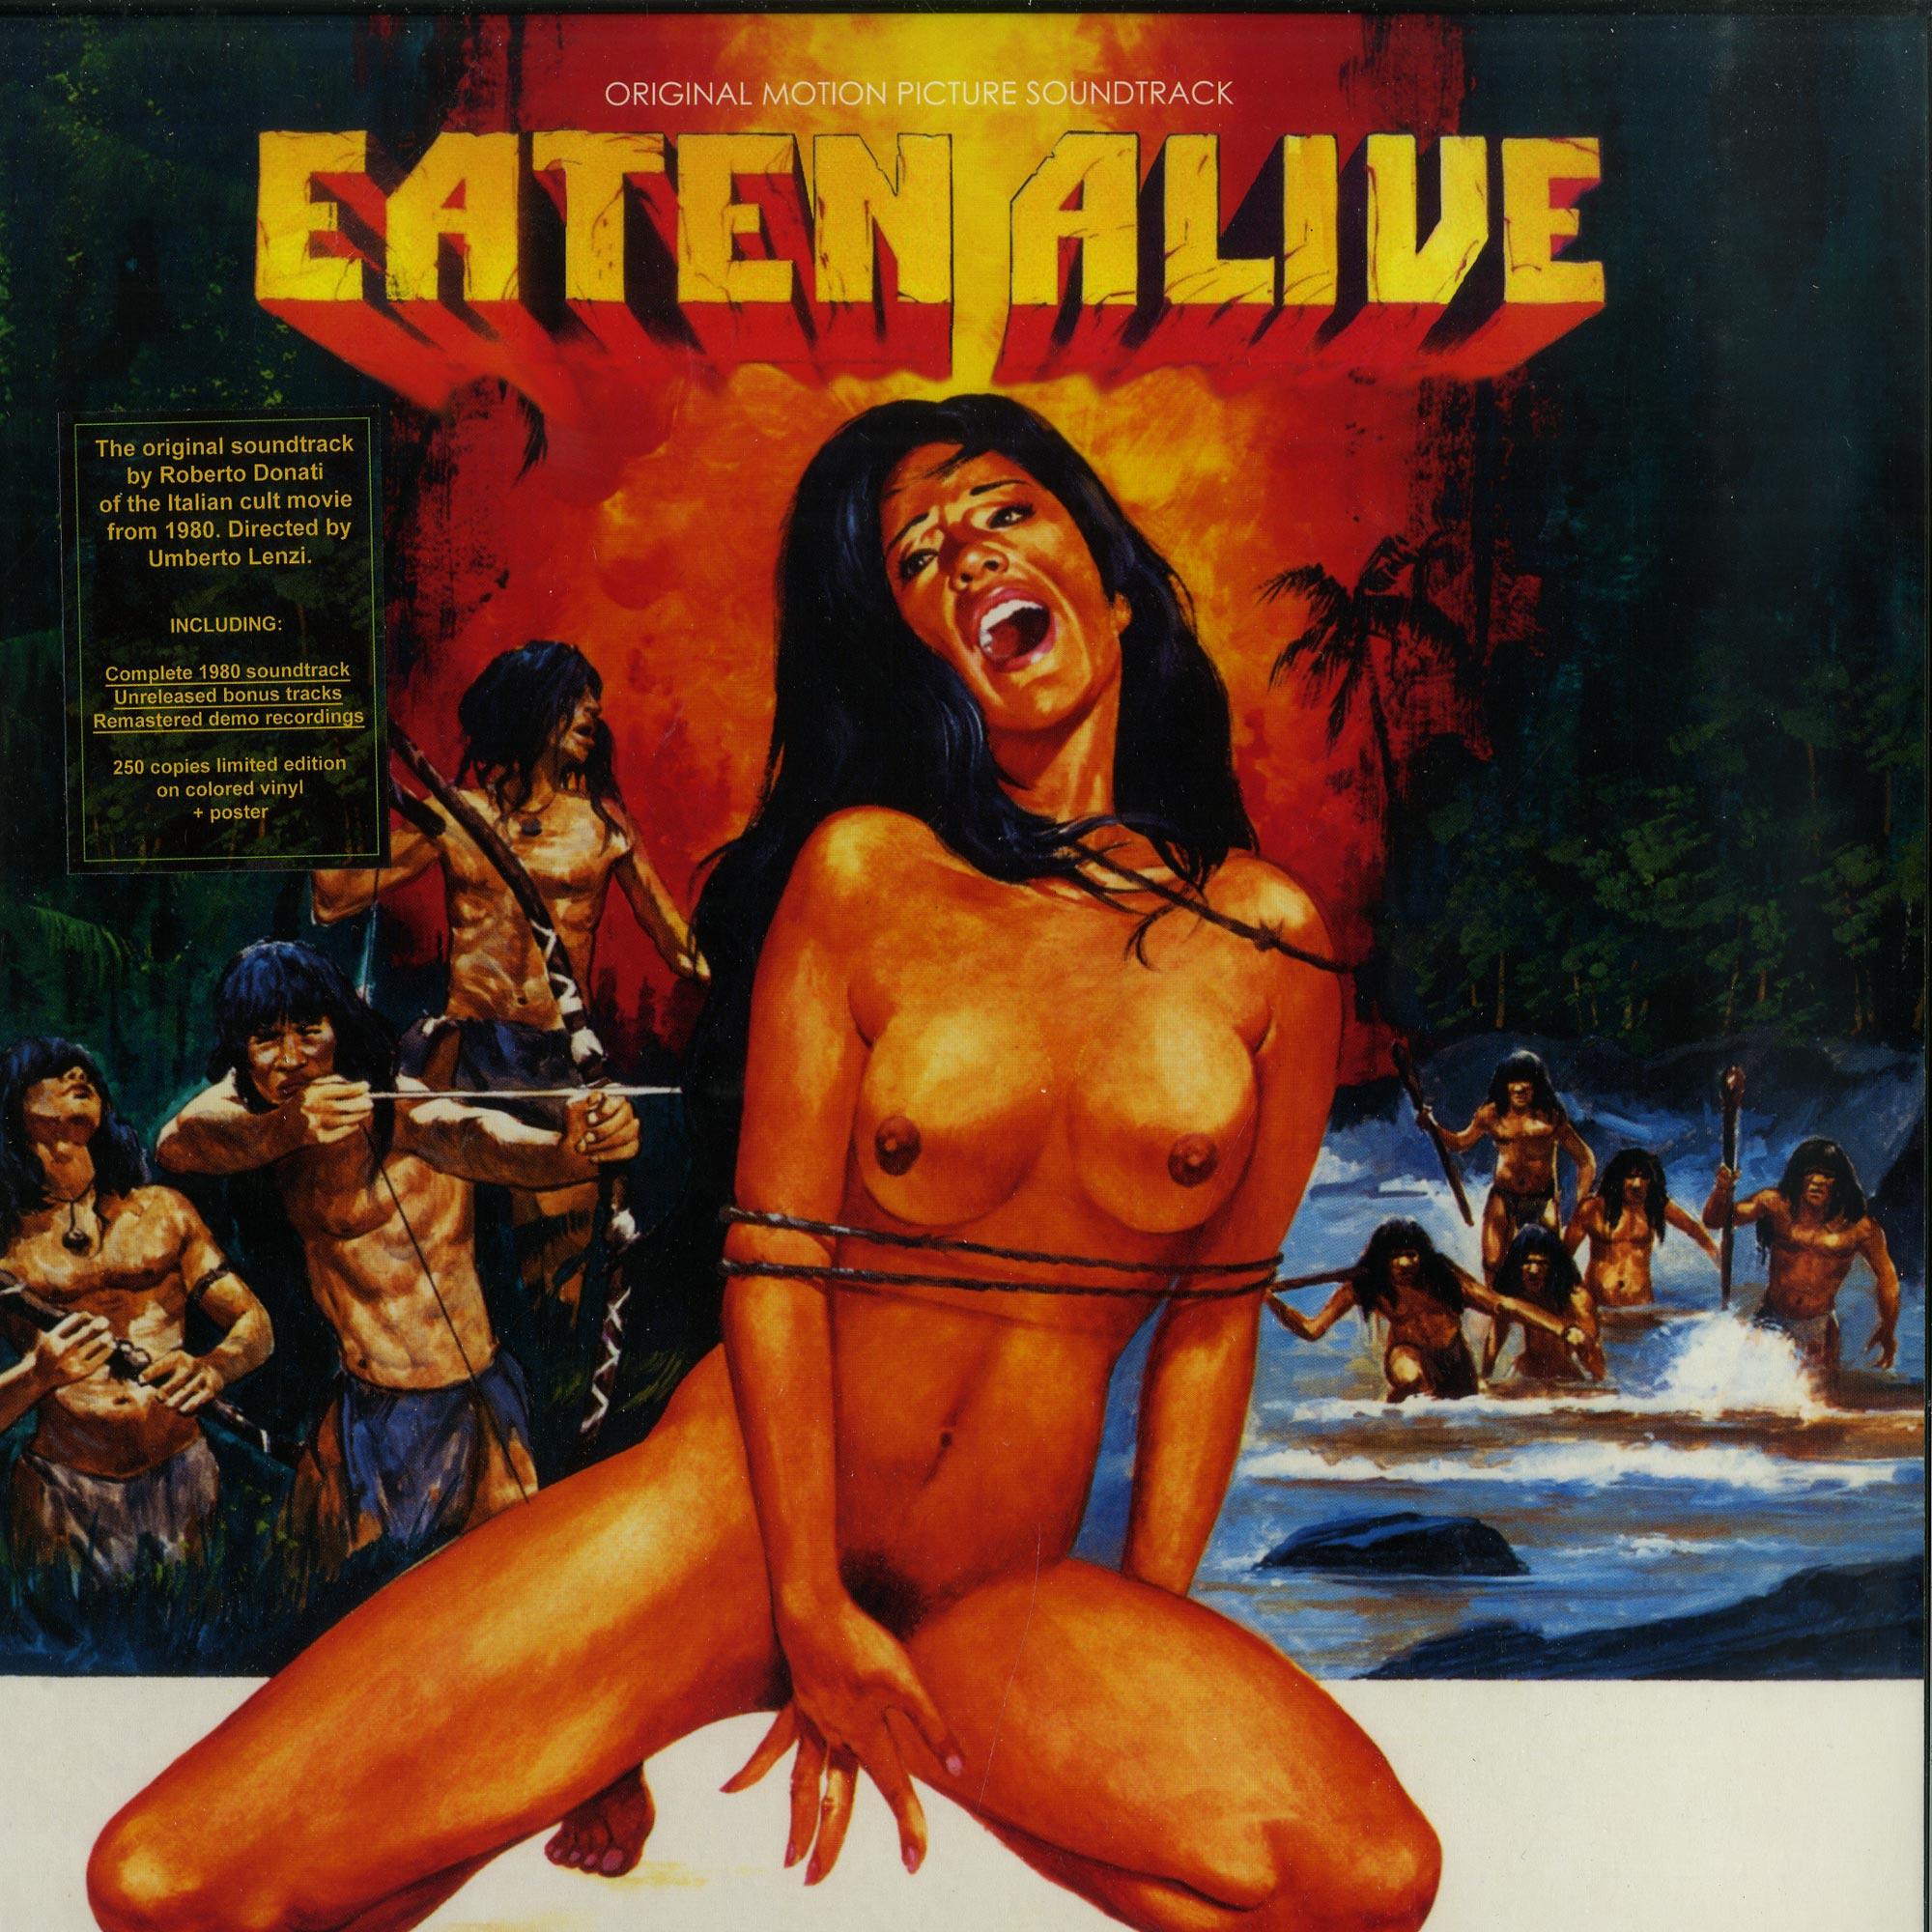 Roberto Donati - EATEN ALIVE! O.S.T.